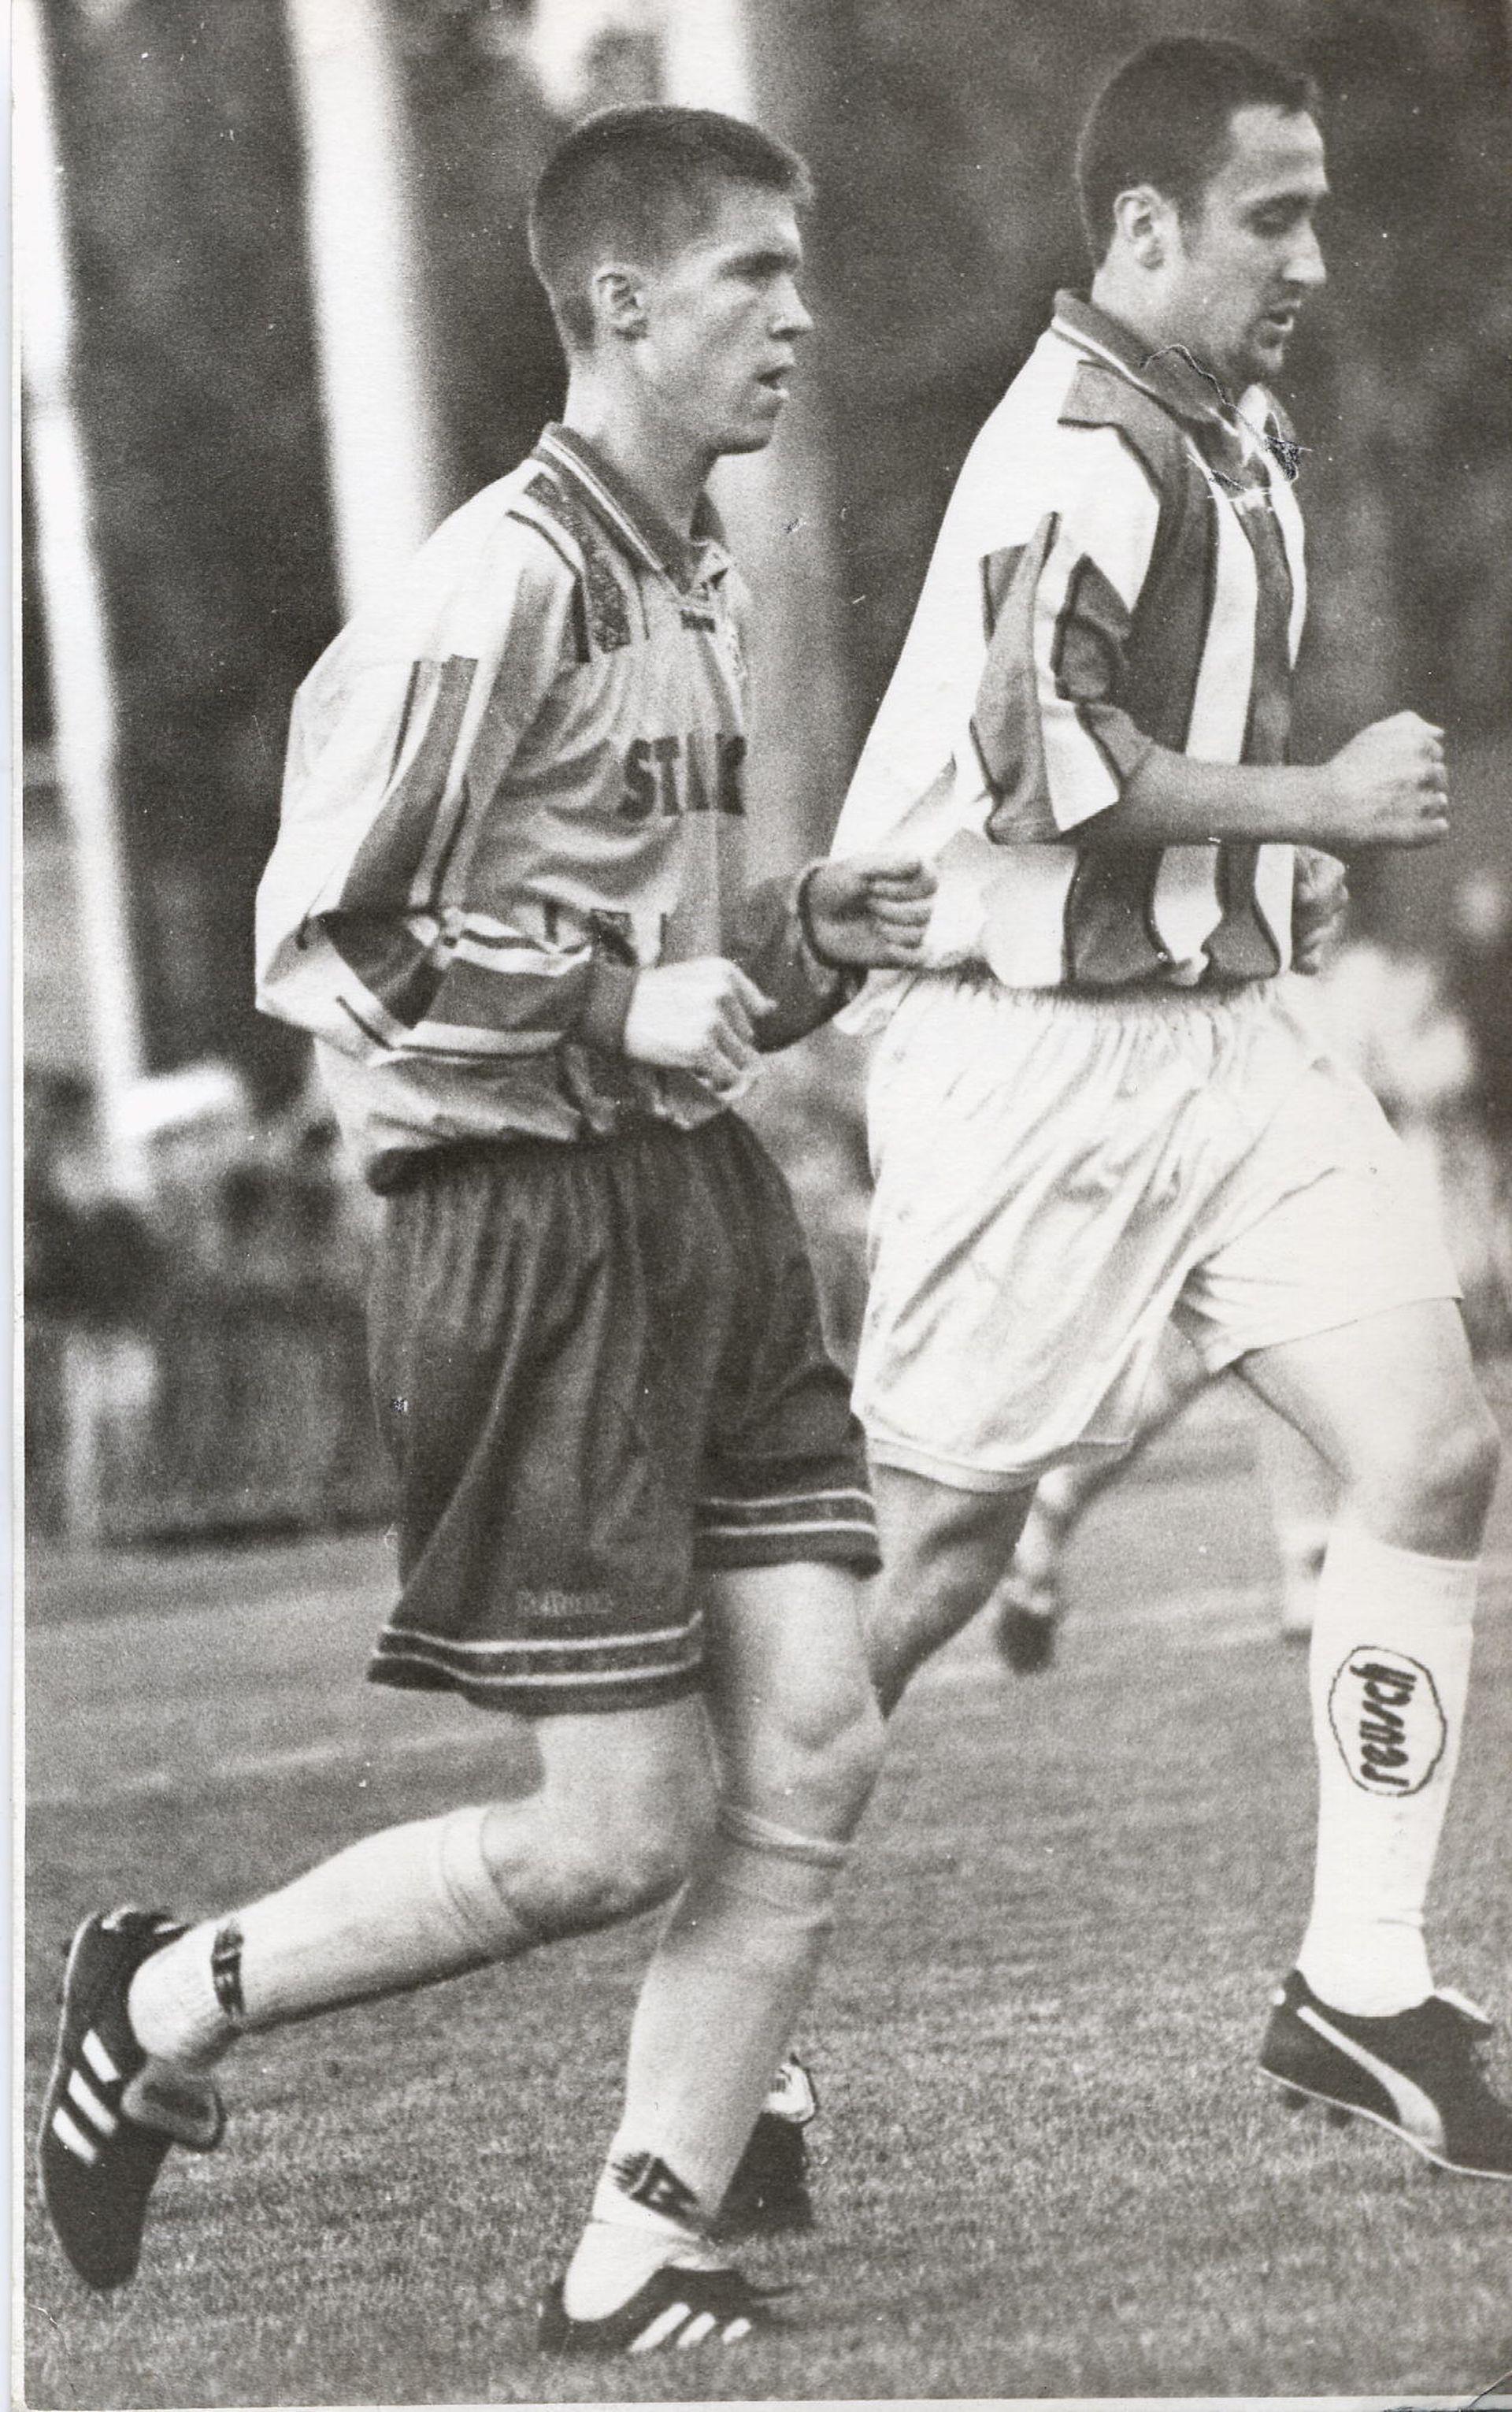 17-годишният Александър Хлеб е най-голямата звезда в беларуската футболна история. Тръгна за големия футбол в екипа на БАТЕ, а през годините още три пъти се връща в клуба